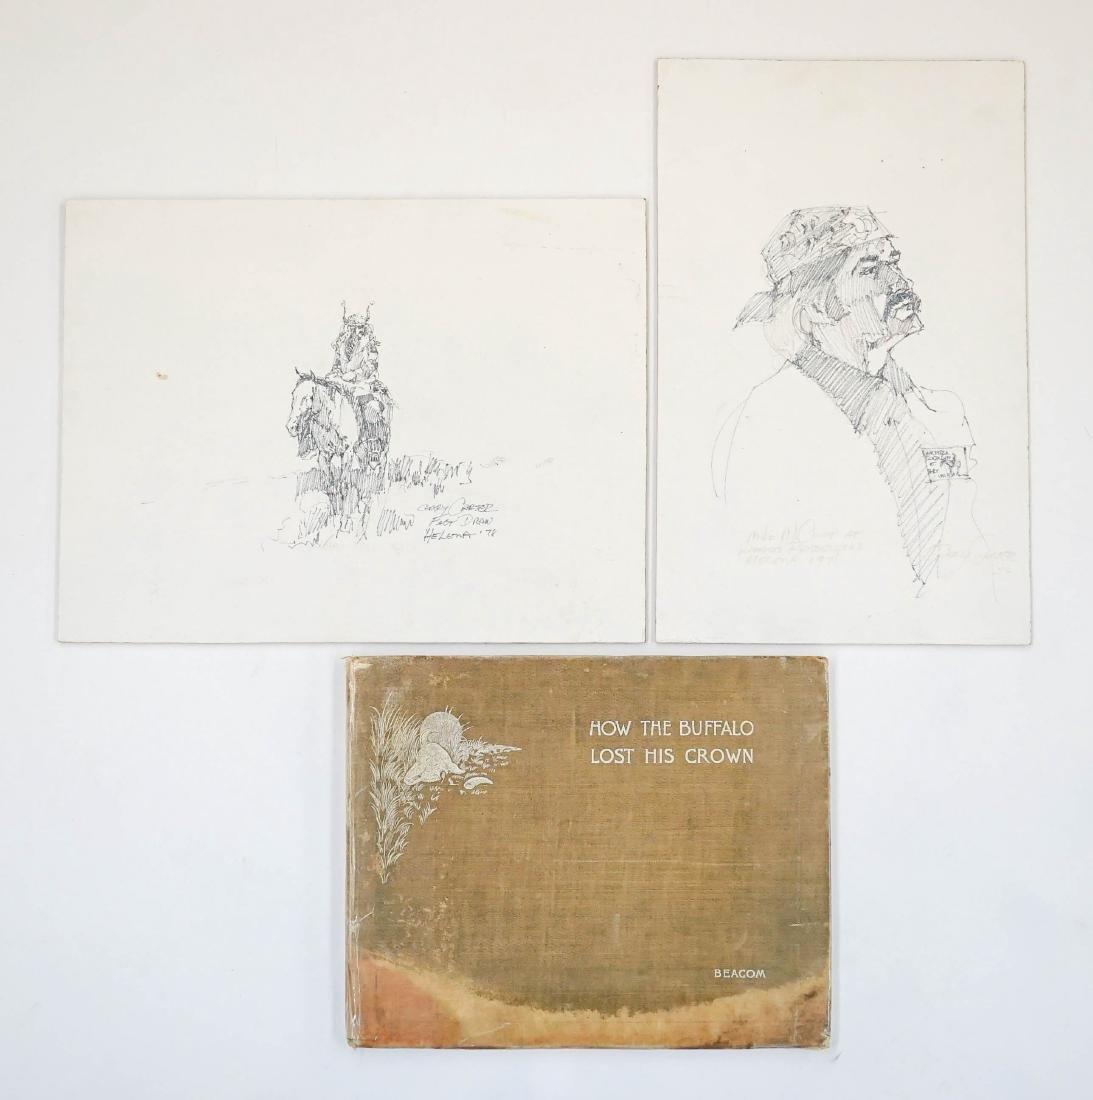 Charles Russell Book, Gary Carter Original Art